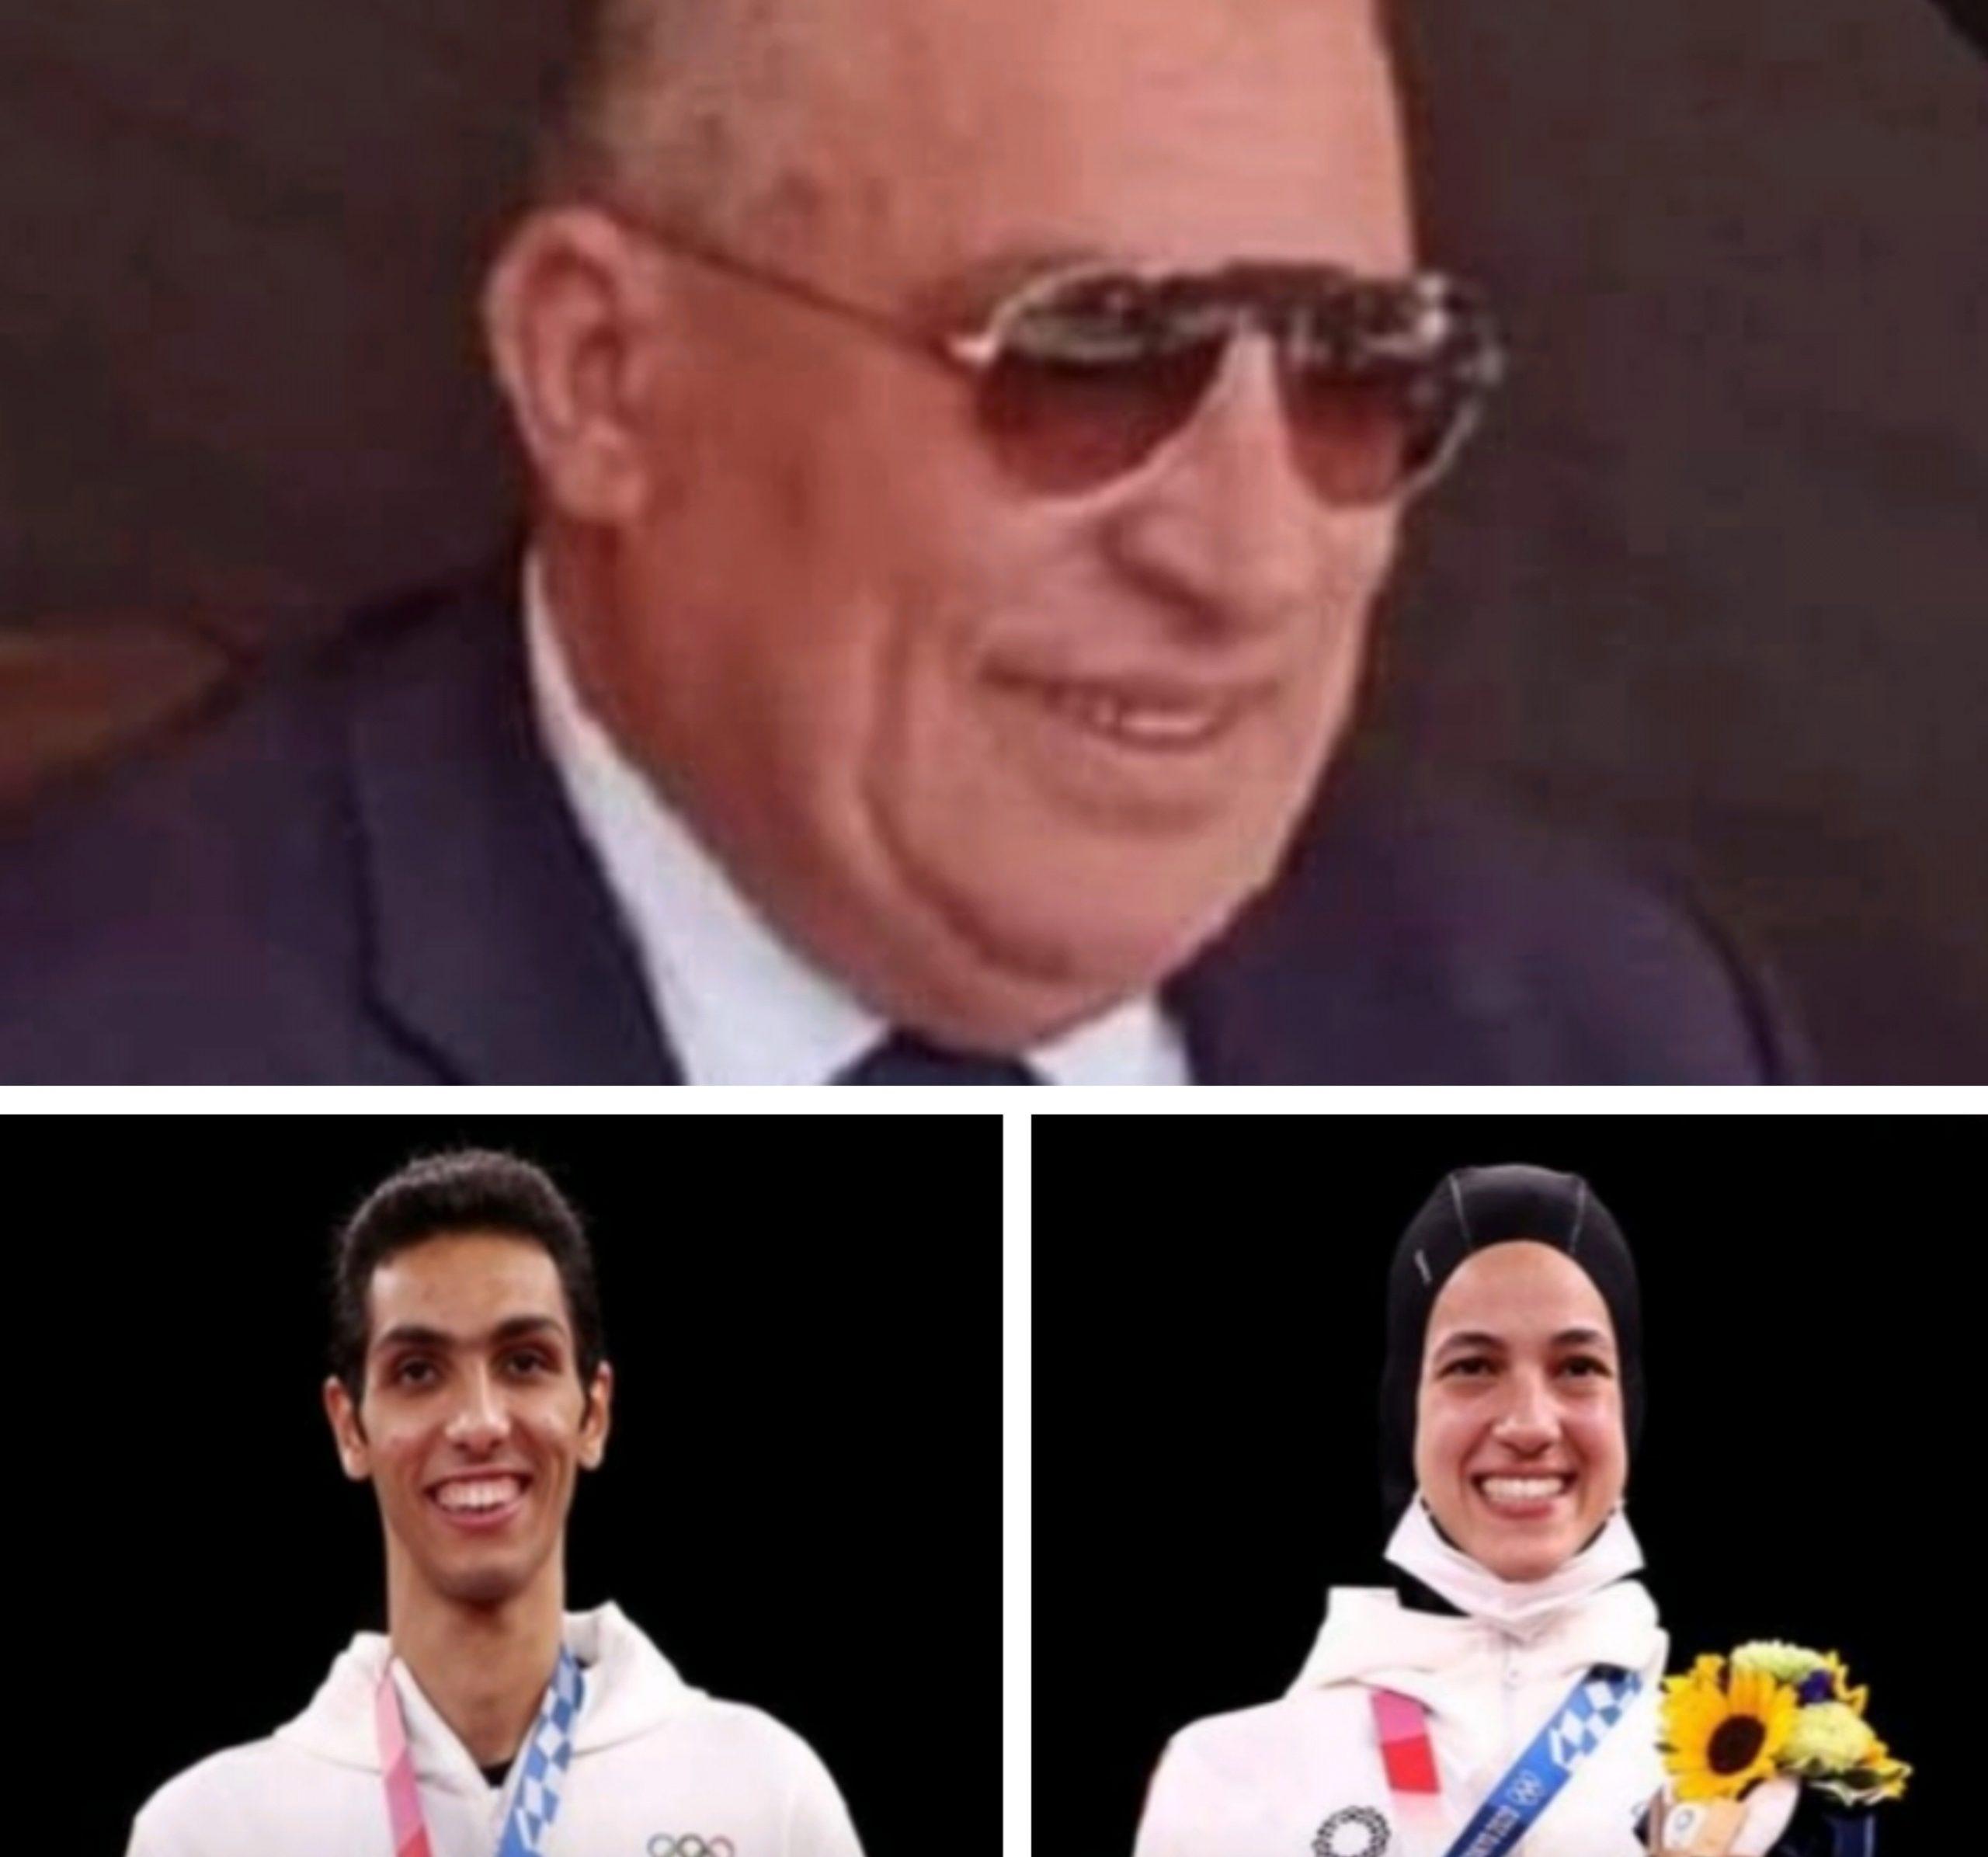 النائب خالد طايع يهنئ لاعبي التايكوندو هدايه ملاك وسيف عيسي